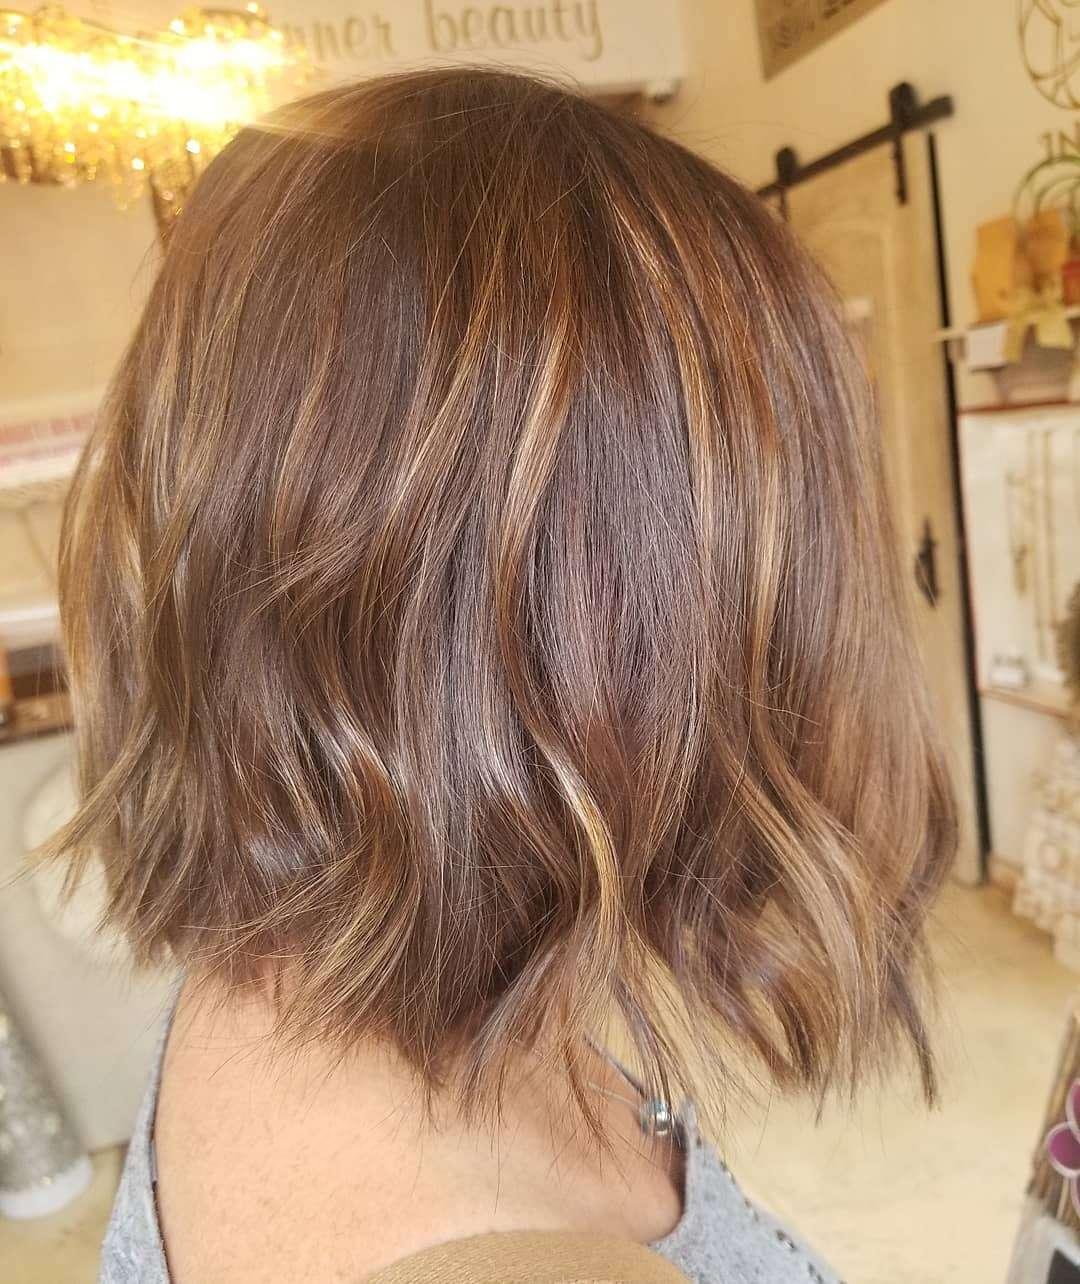 fryzury dla dziewczynek cienkie włosy